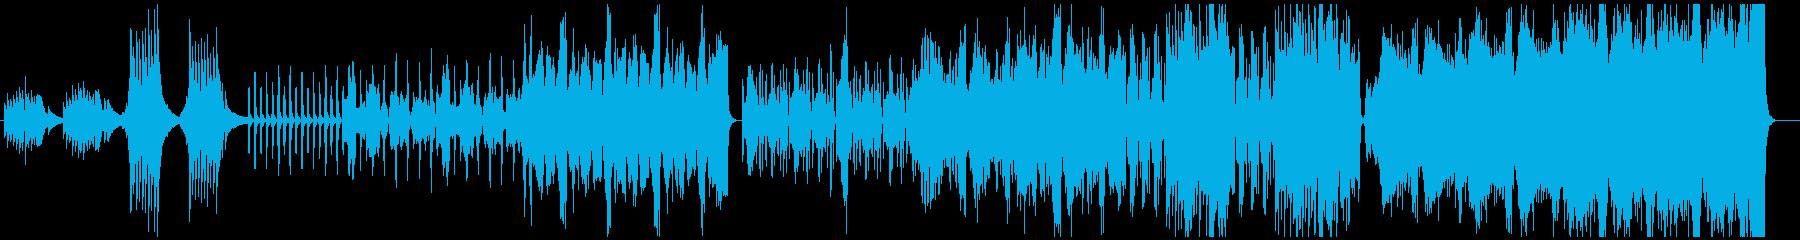 切ない感じのテクノオーケストラの再生済みの波形